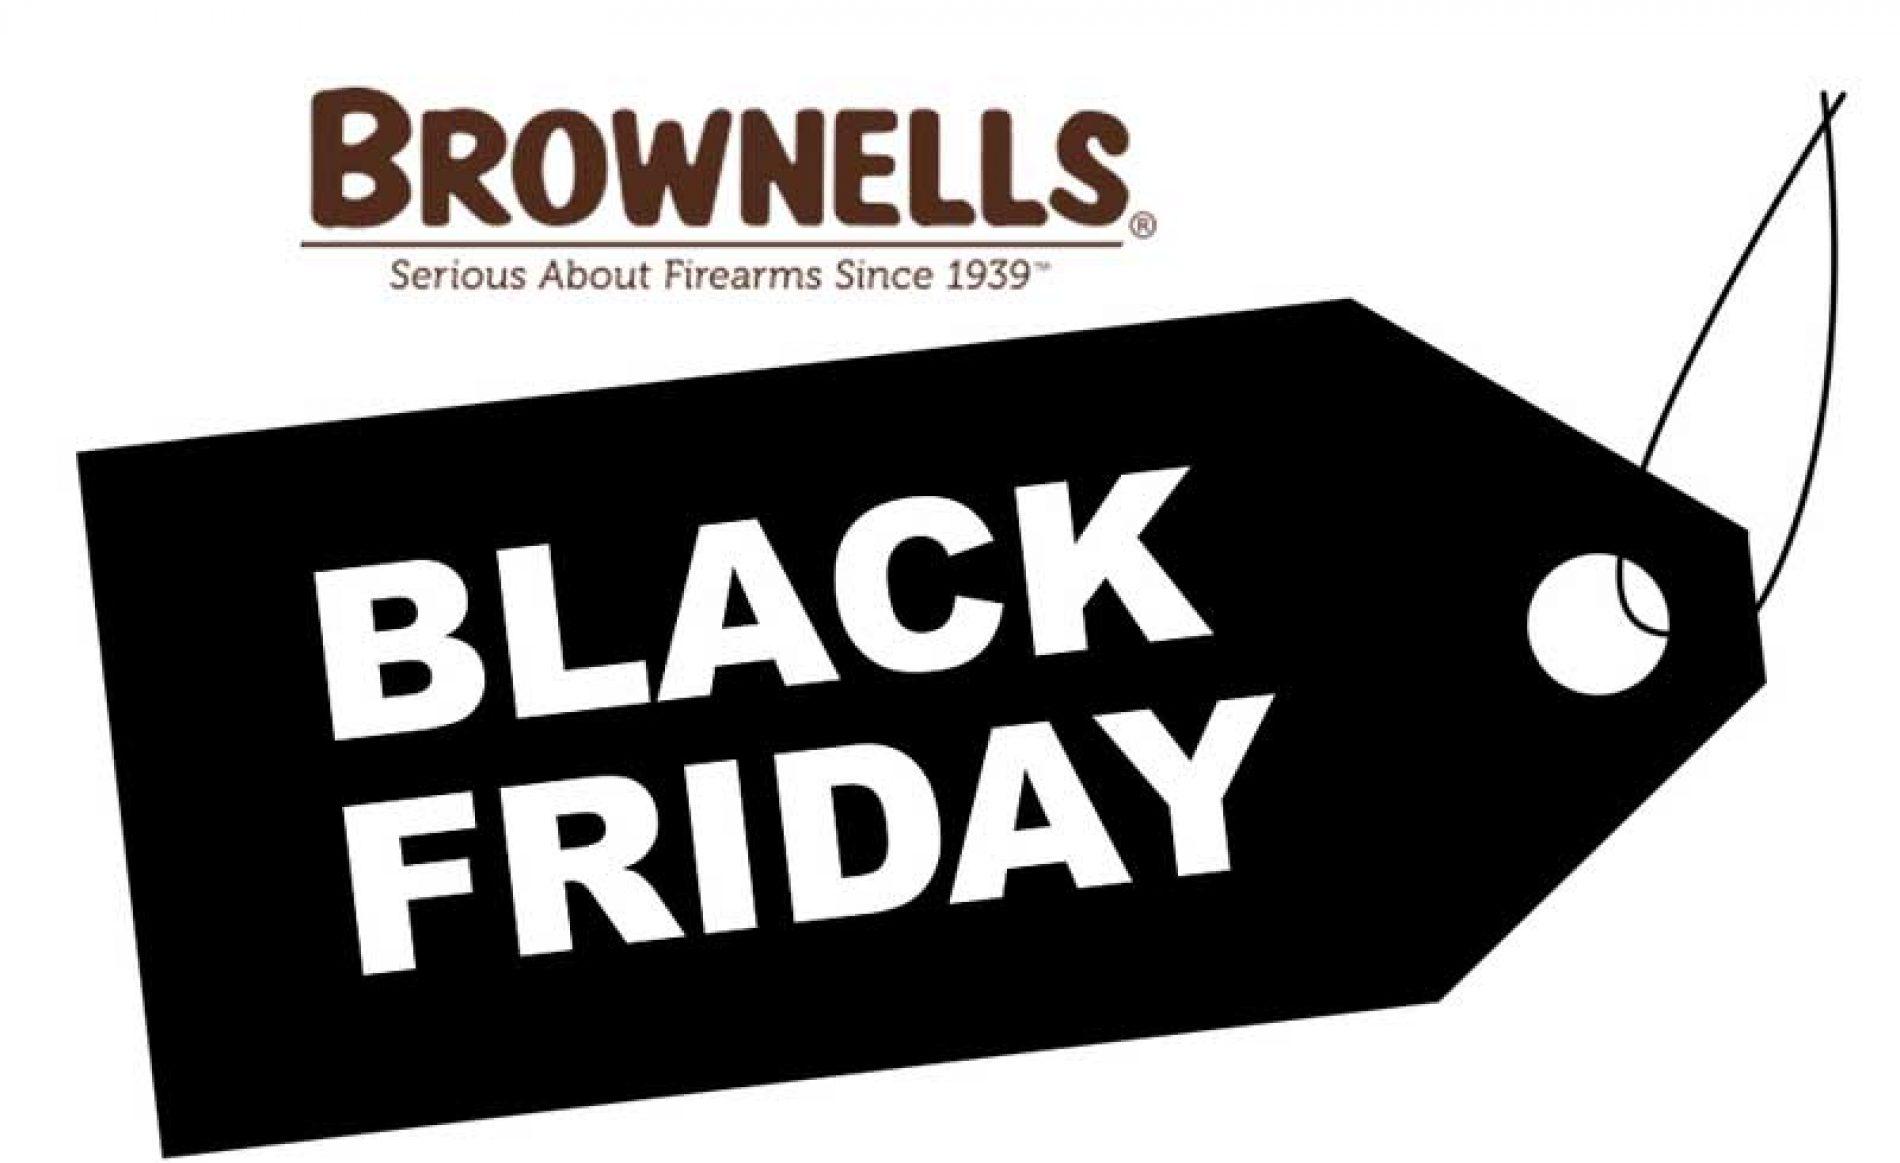 Brownells Ibérica se suma al Black Friday con grandes ofertas